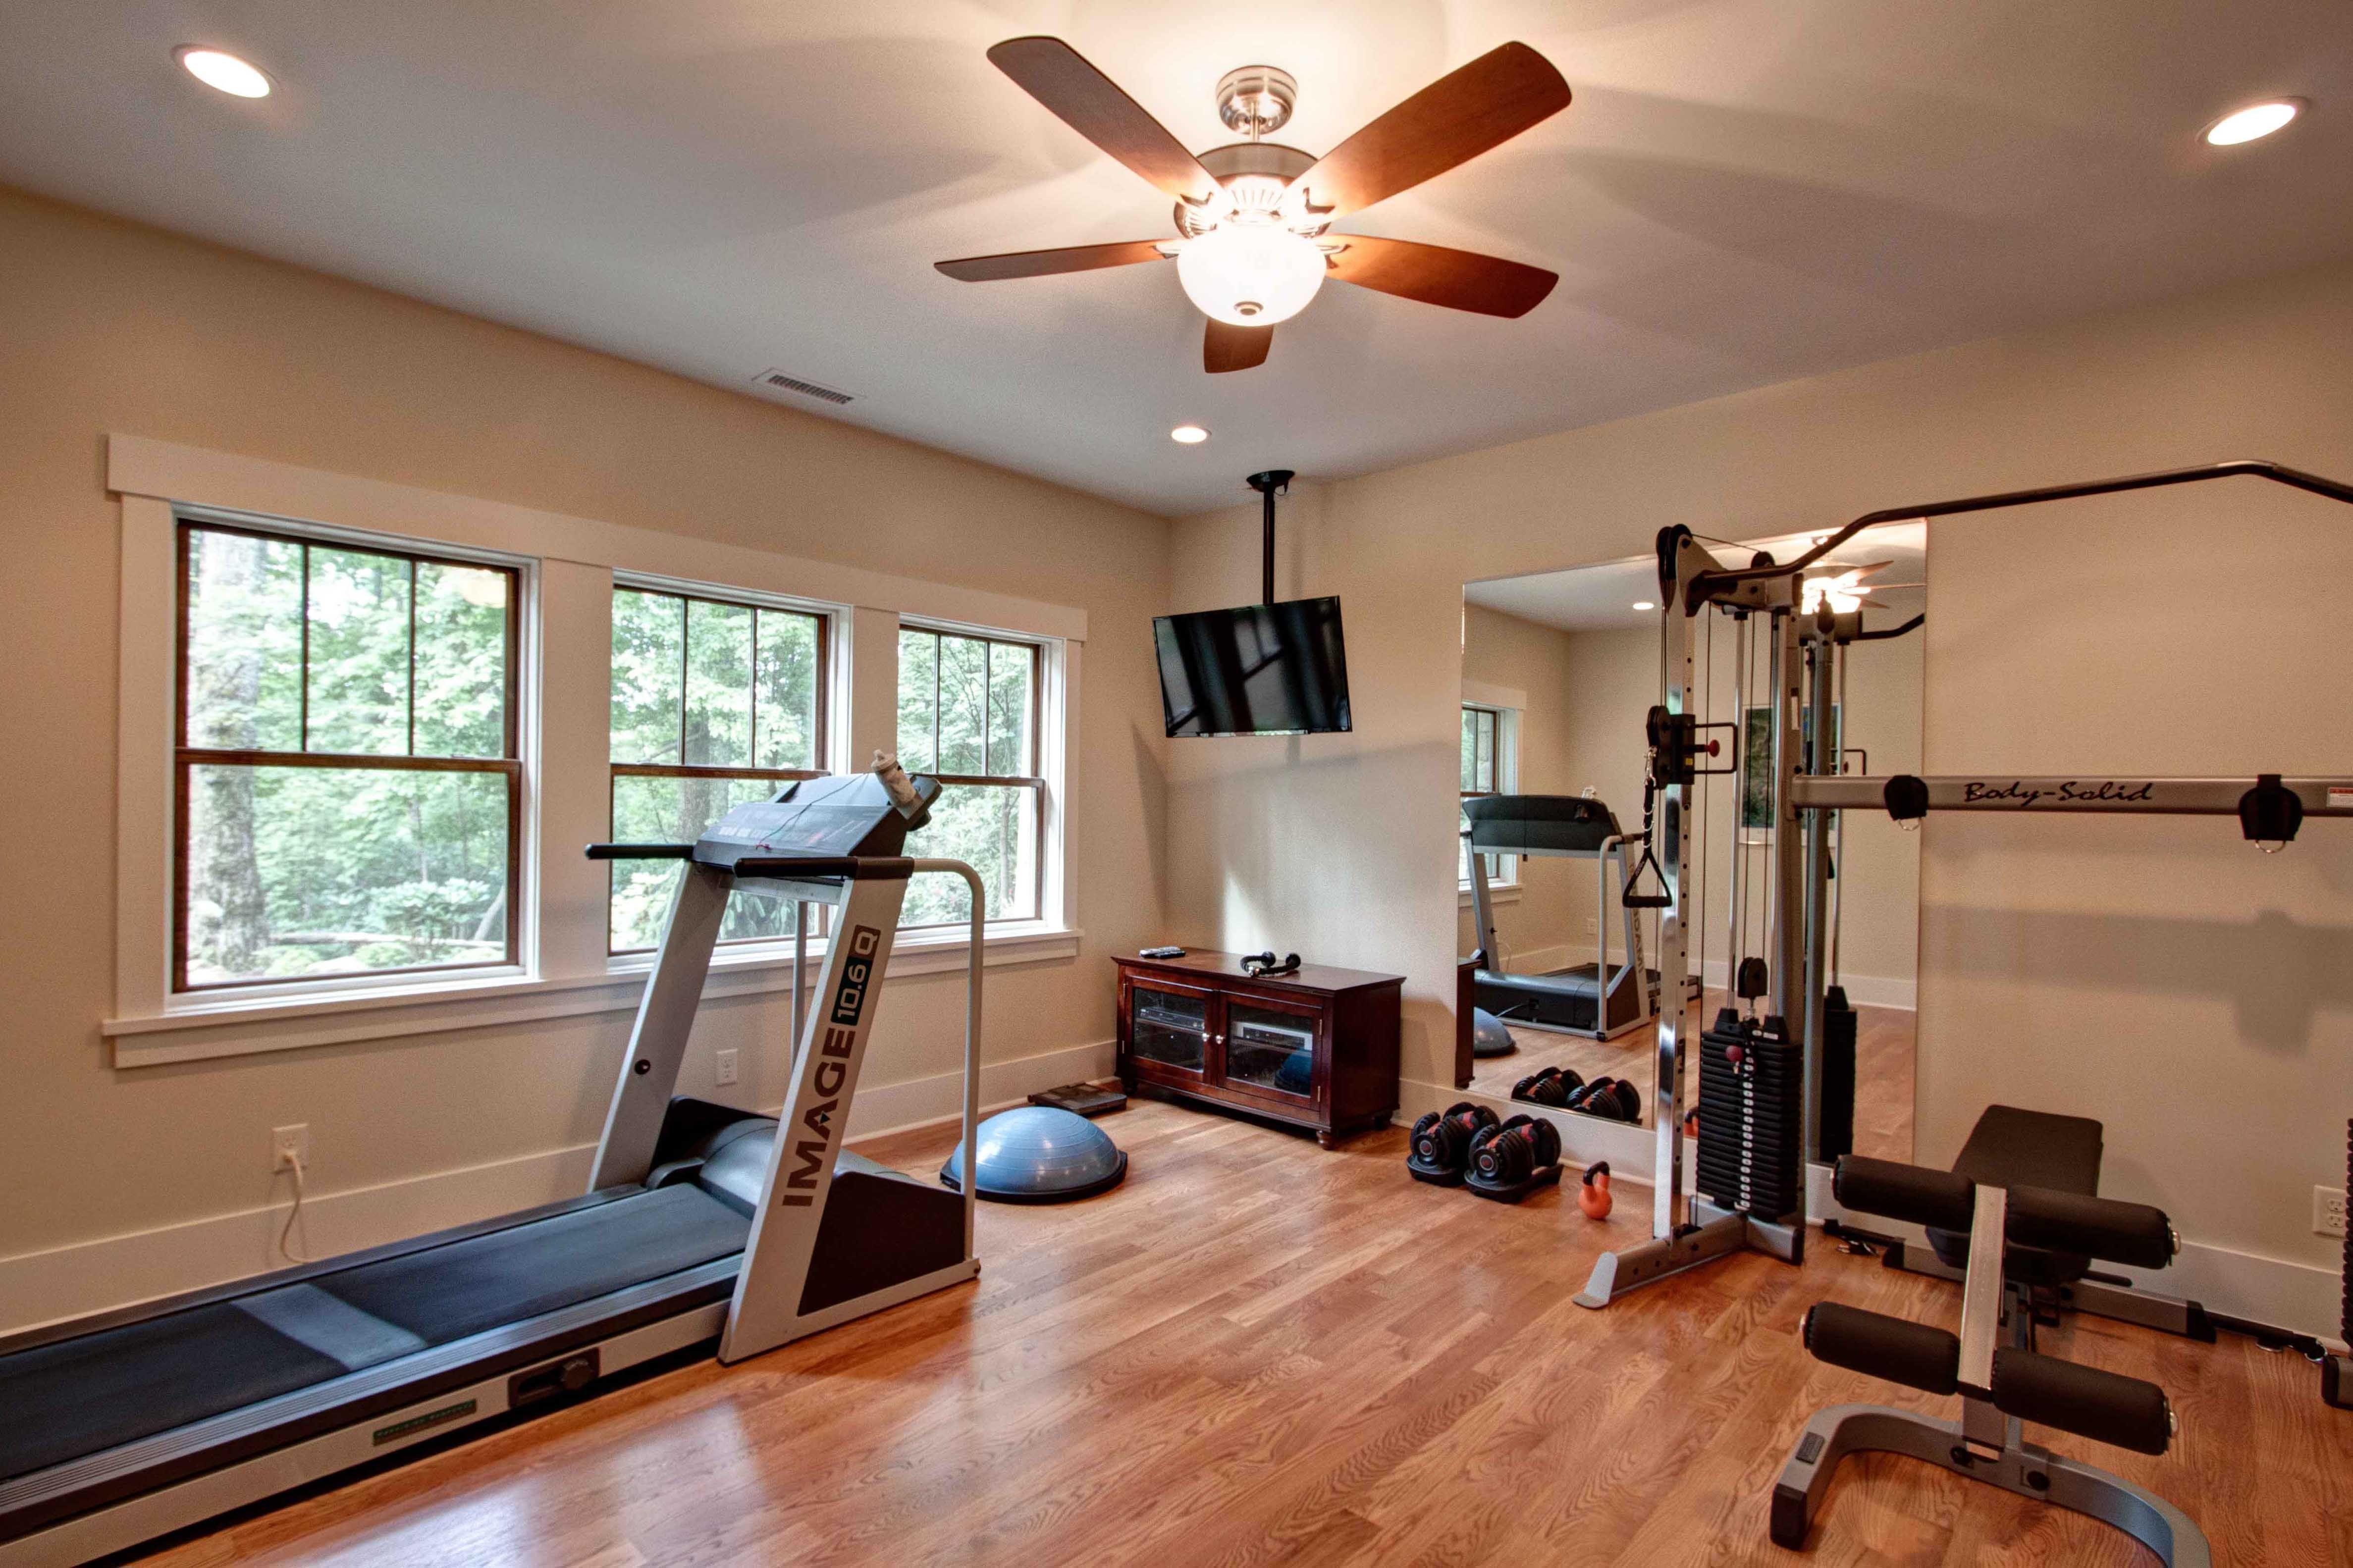 Домашний спортзал: 56 фото комнат с тренажерами, мини тренажерка в частной постройке